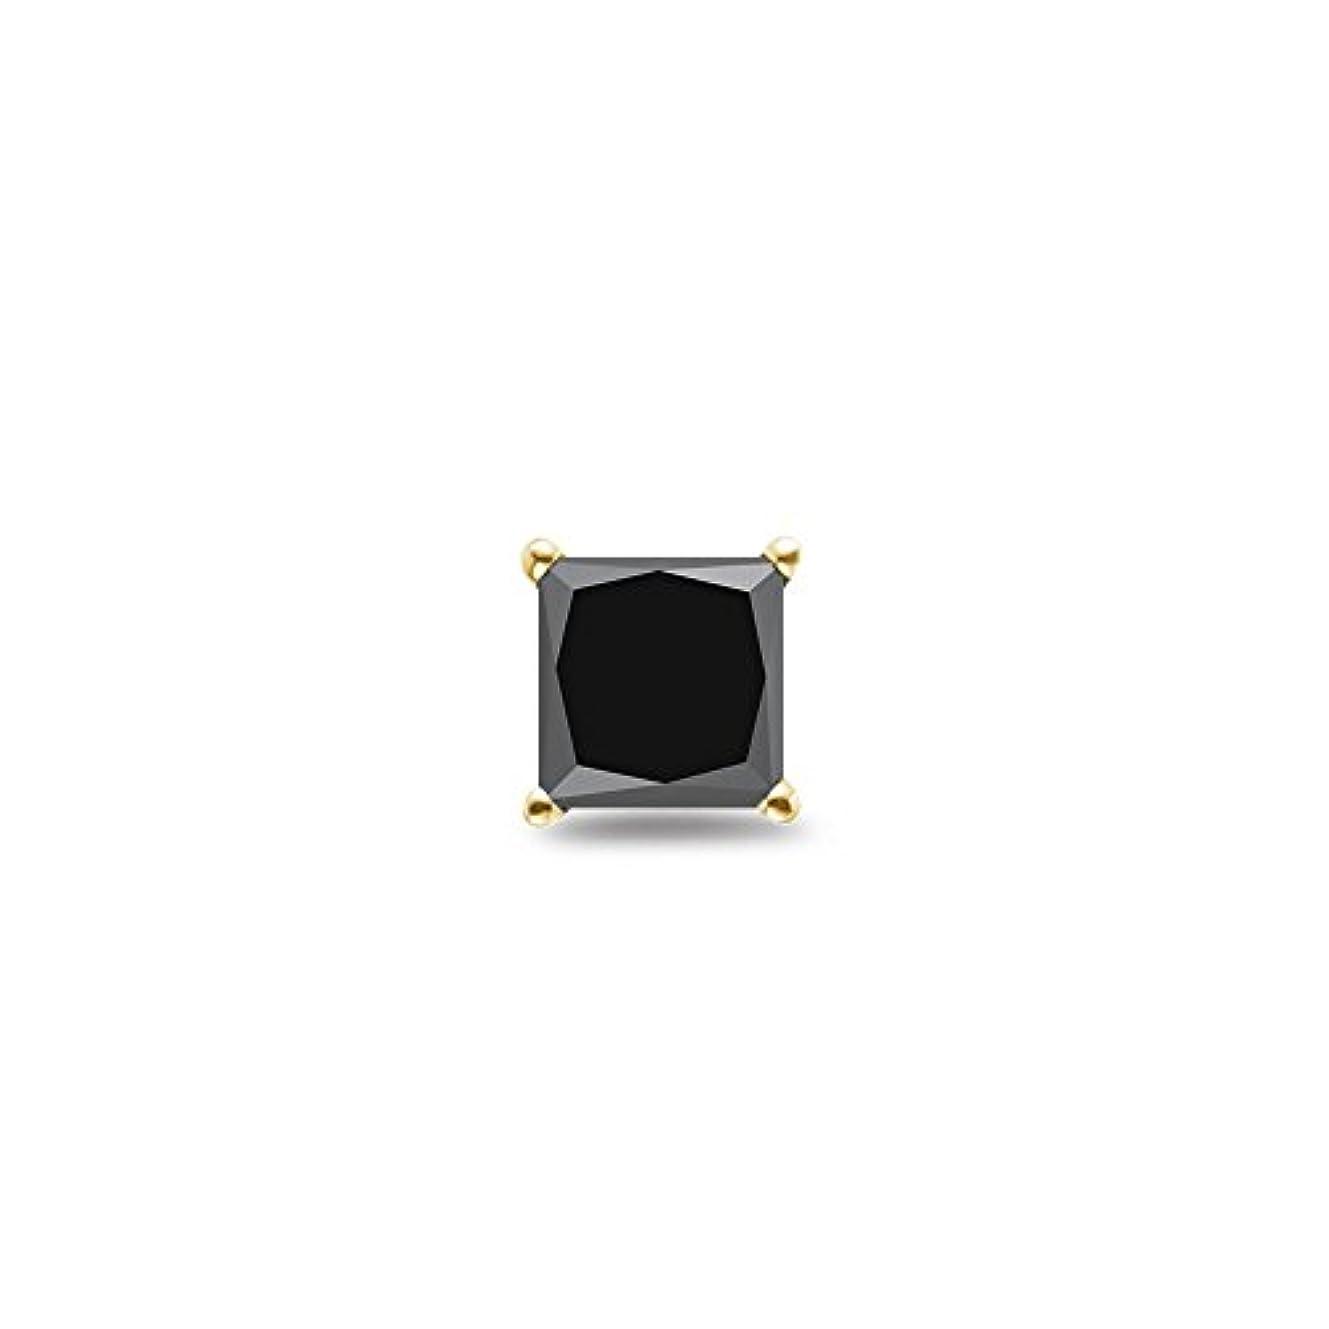 皿くるくる純度Holiday Deal – 1 / 20.46 – 0.55 ) CTSの3.60 – 4.00 MMプリンセスAAAブラックダイヤモンドメンズスタッドイヤリングで14 K黄色ゴールド